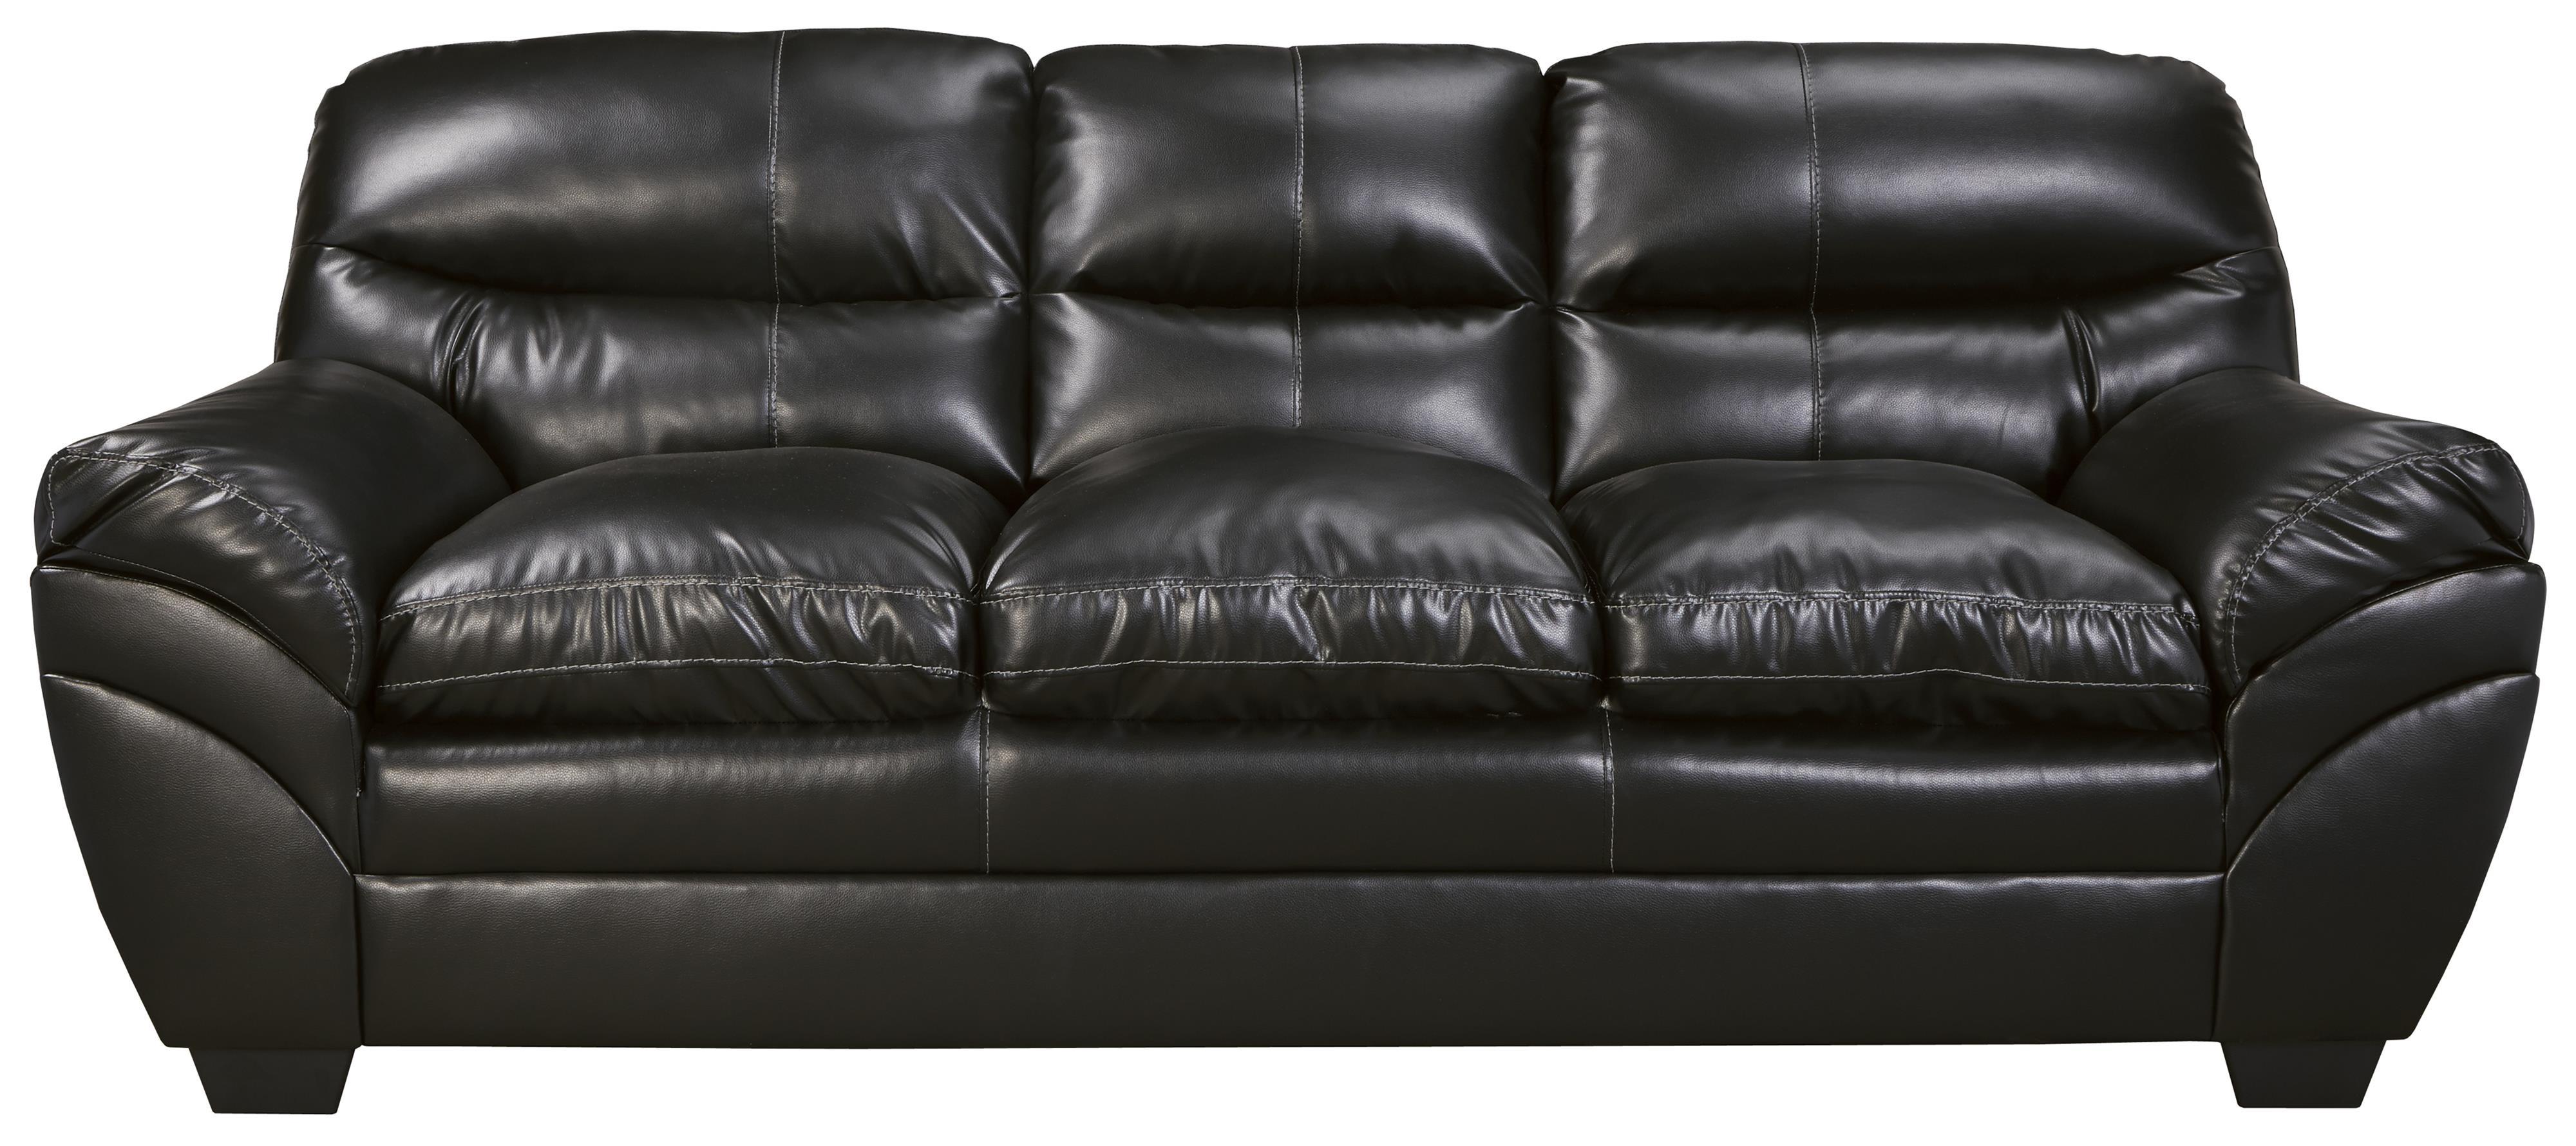 Signature Design by Ashley Tassler DuraBlend® Sofa - Item Number: 4650138